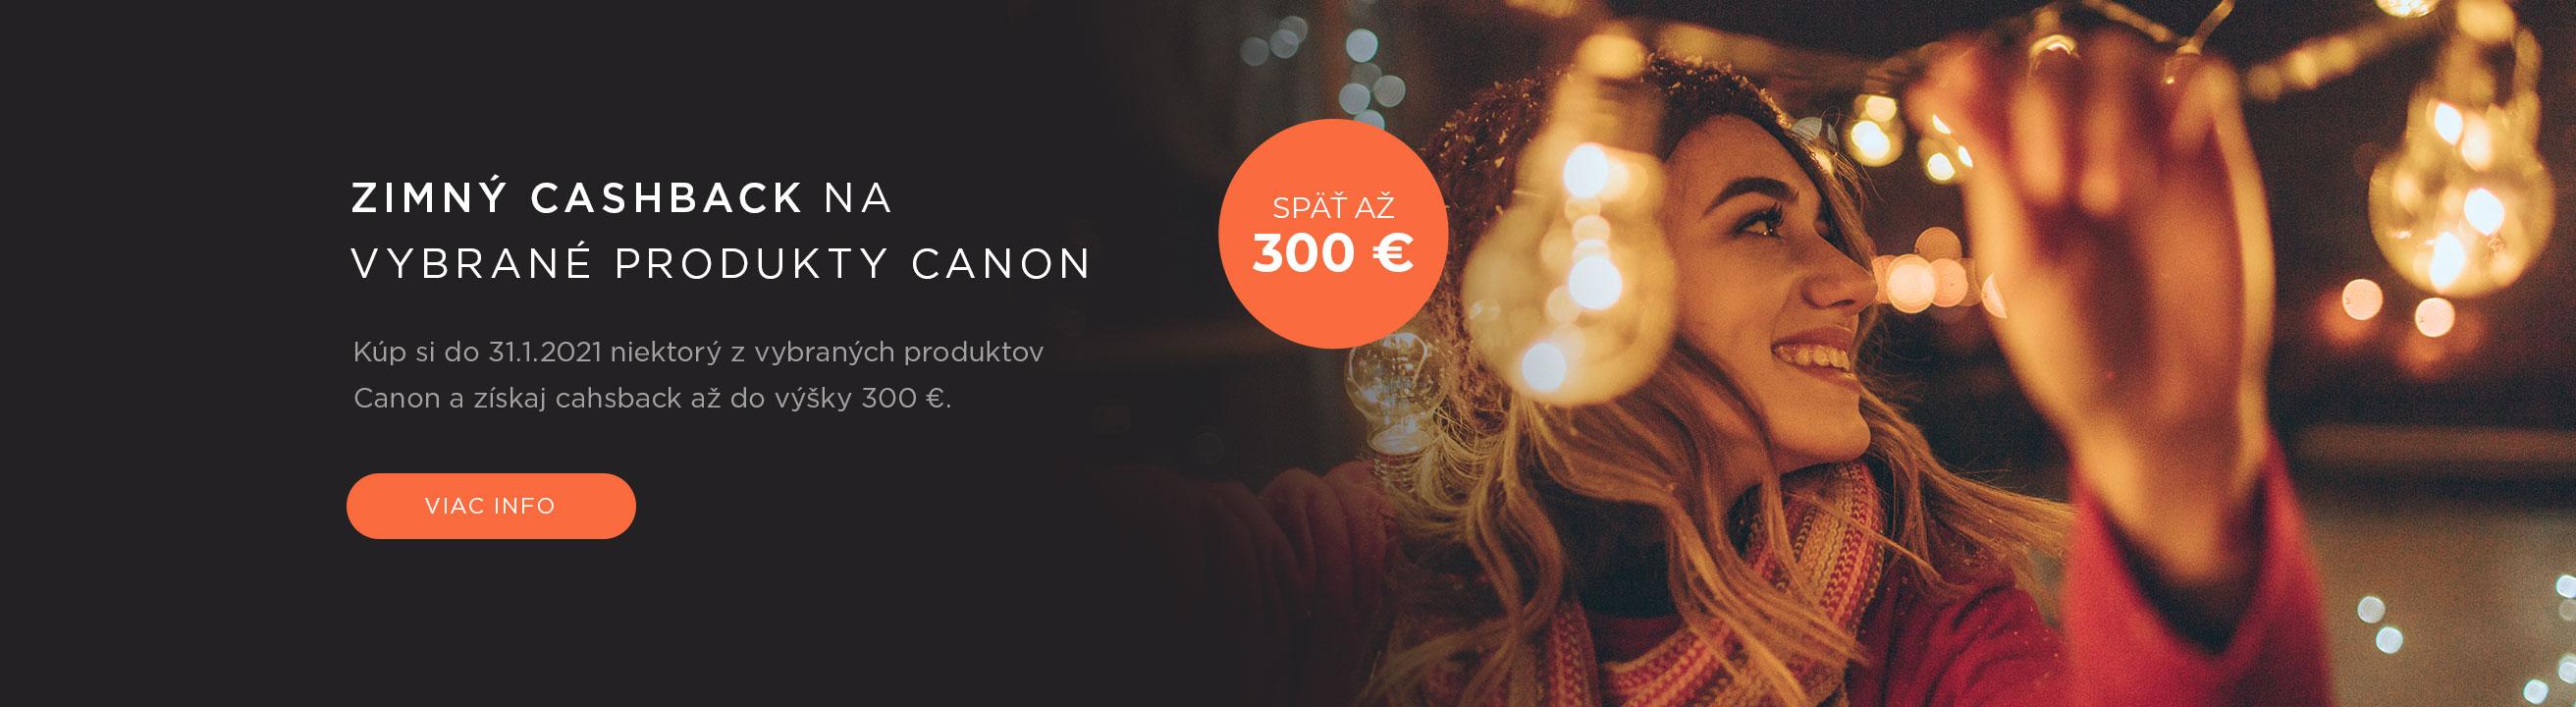 Zimný cashback na vybrané produkty Canon